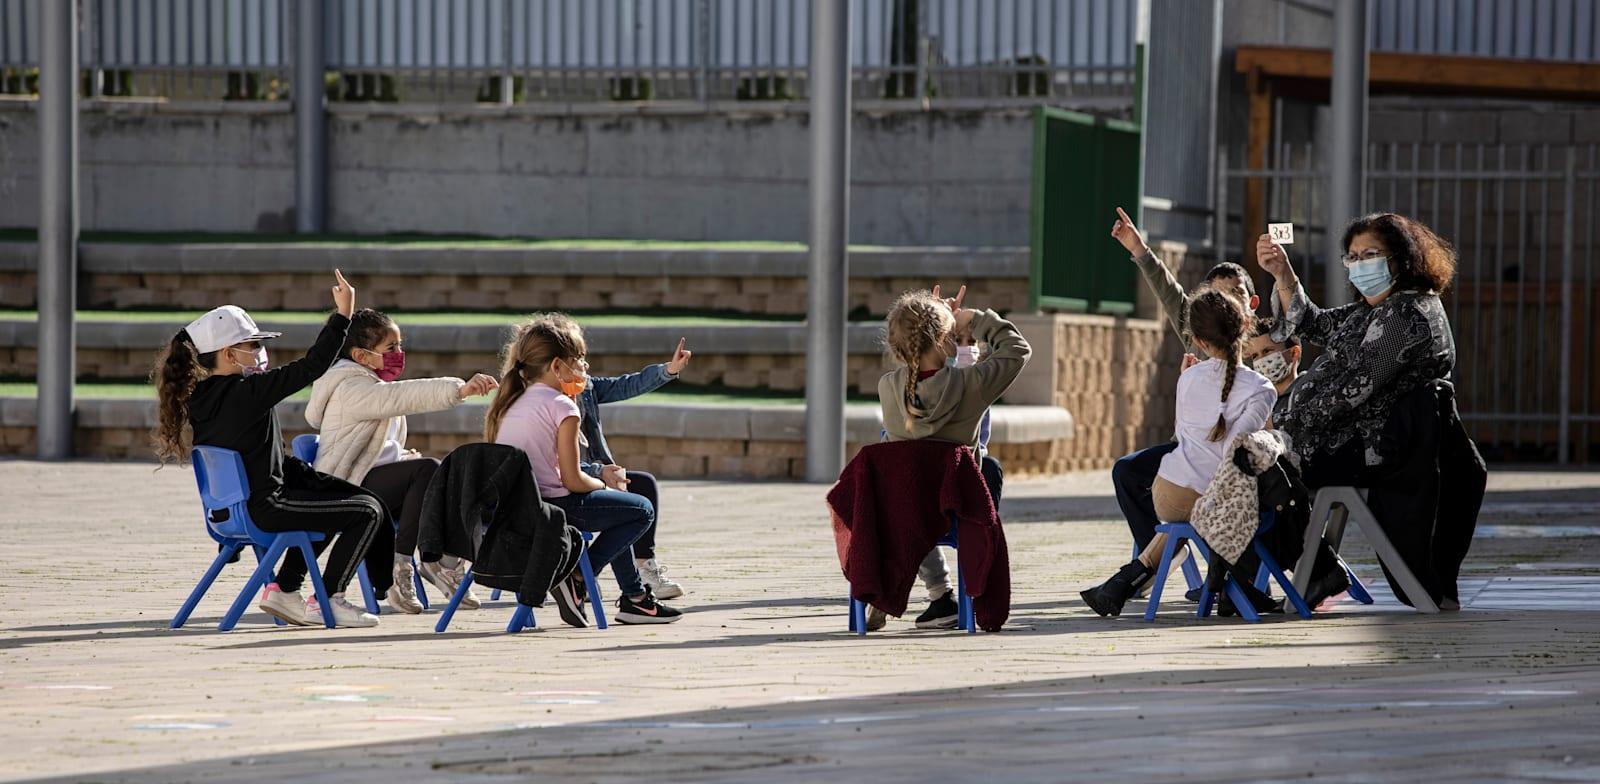 לומדים בחוץ בישראל / צילום: Associated Press, Tsafrir Abayov